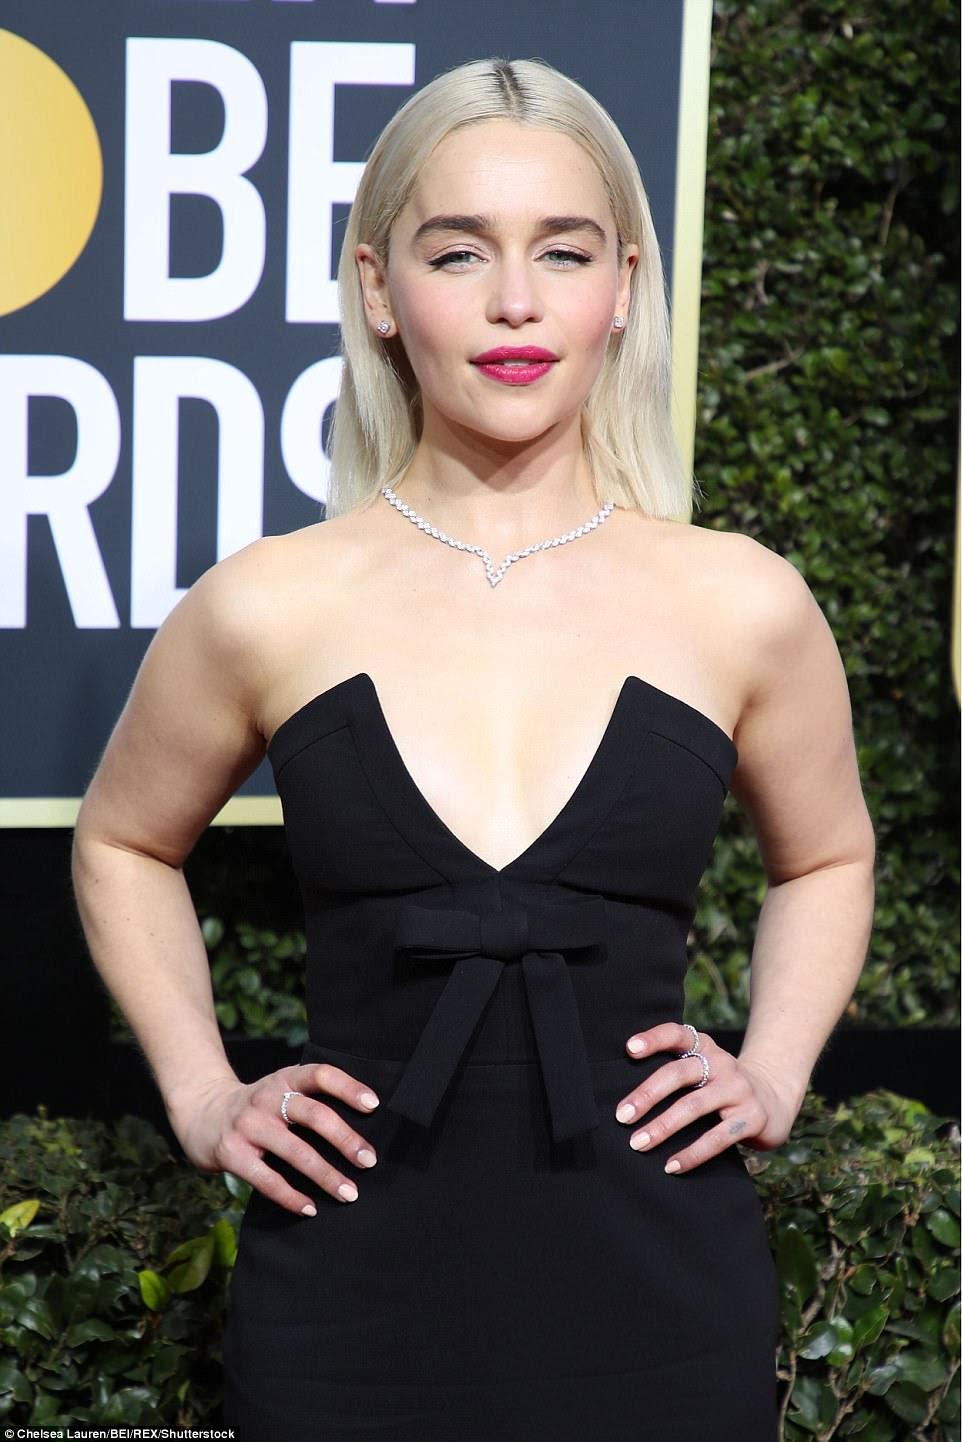 Beleza de platina: Emilia, que interpreta Daenerys Targaryen no Game Of Thrones, brilhou batom rosa brilhante e polimento neutro